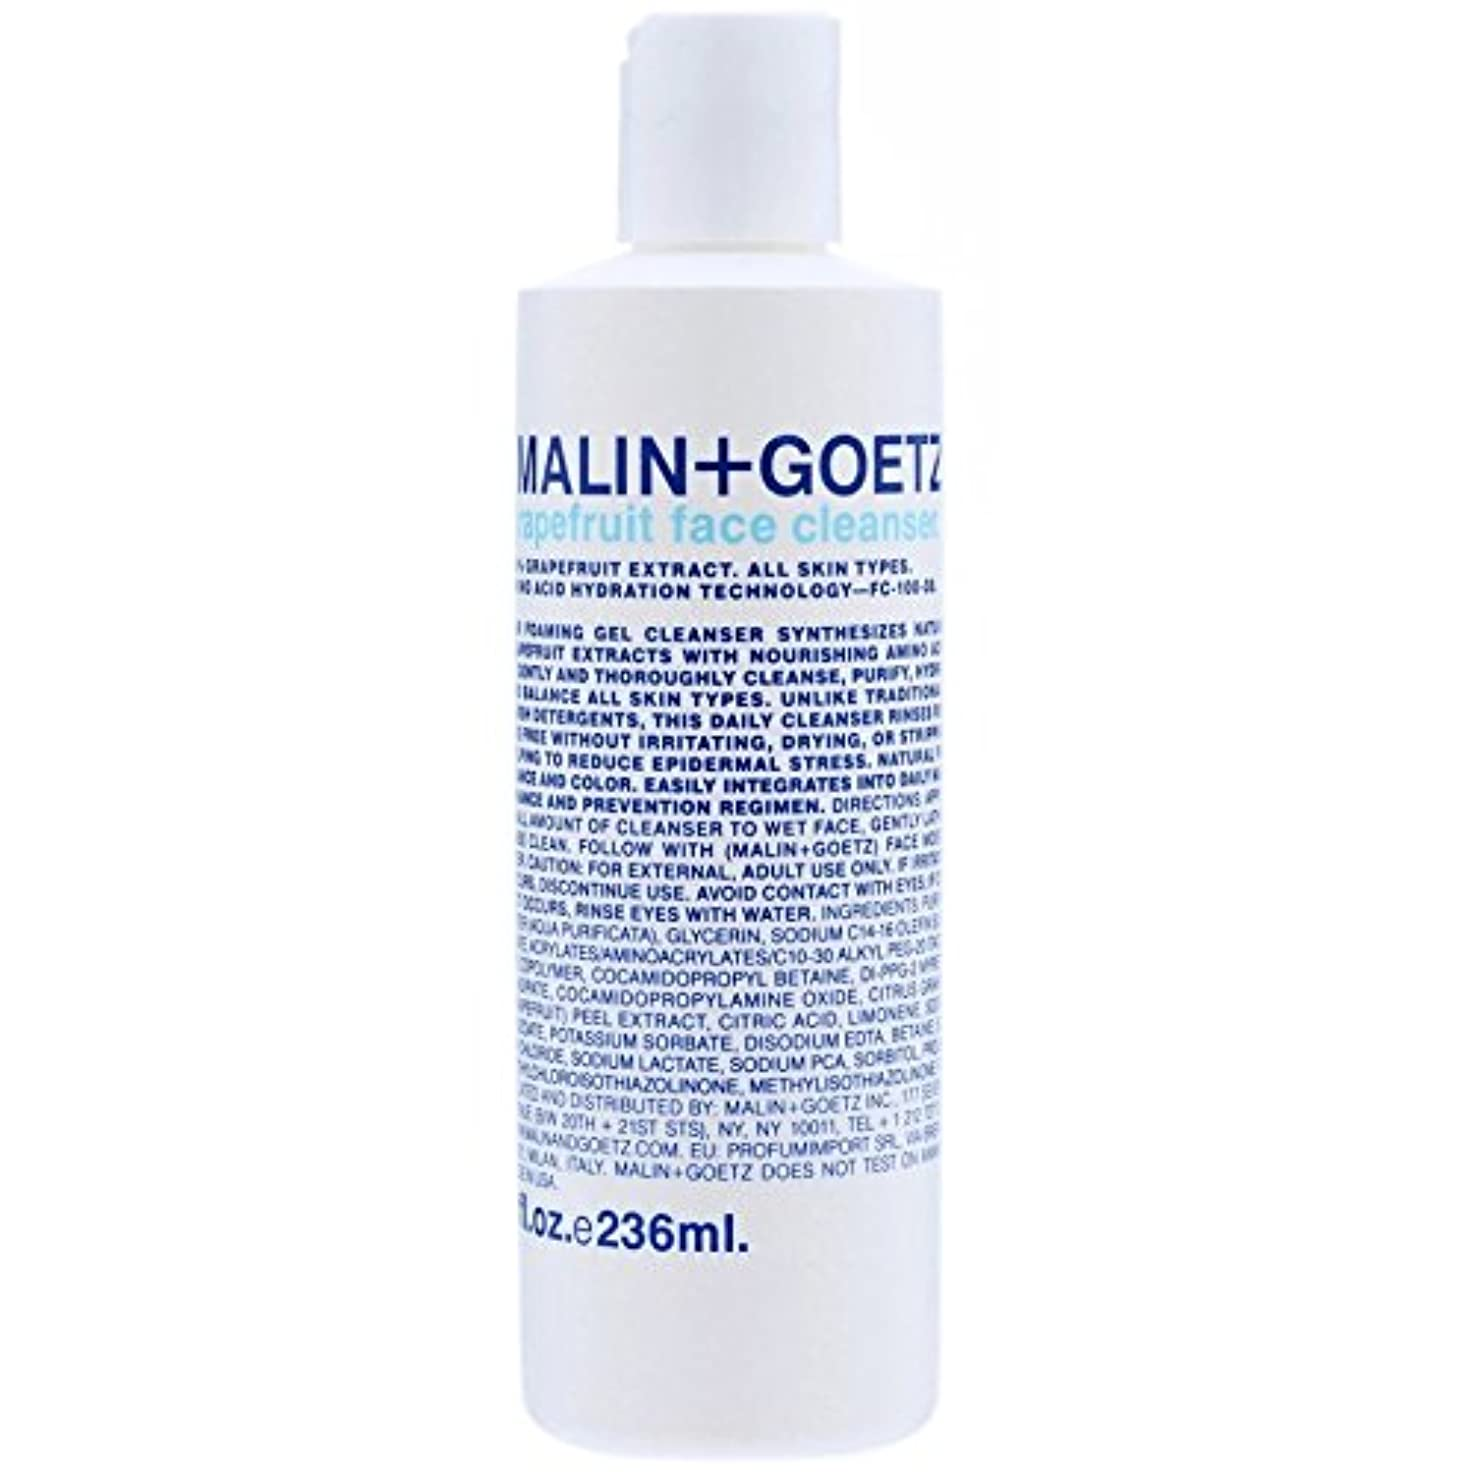 健全耳狂うマリン+ゲッツグレープフルーツフェイスクレンザー x4 - MALIN+GOETZ Grapefruit Face Cleanser (Pack of 4) [並行輸入品]